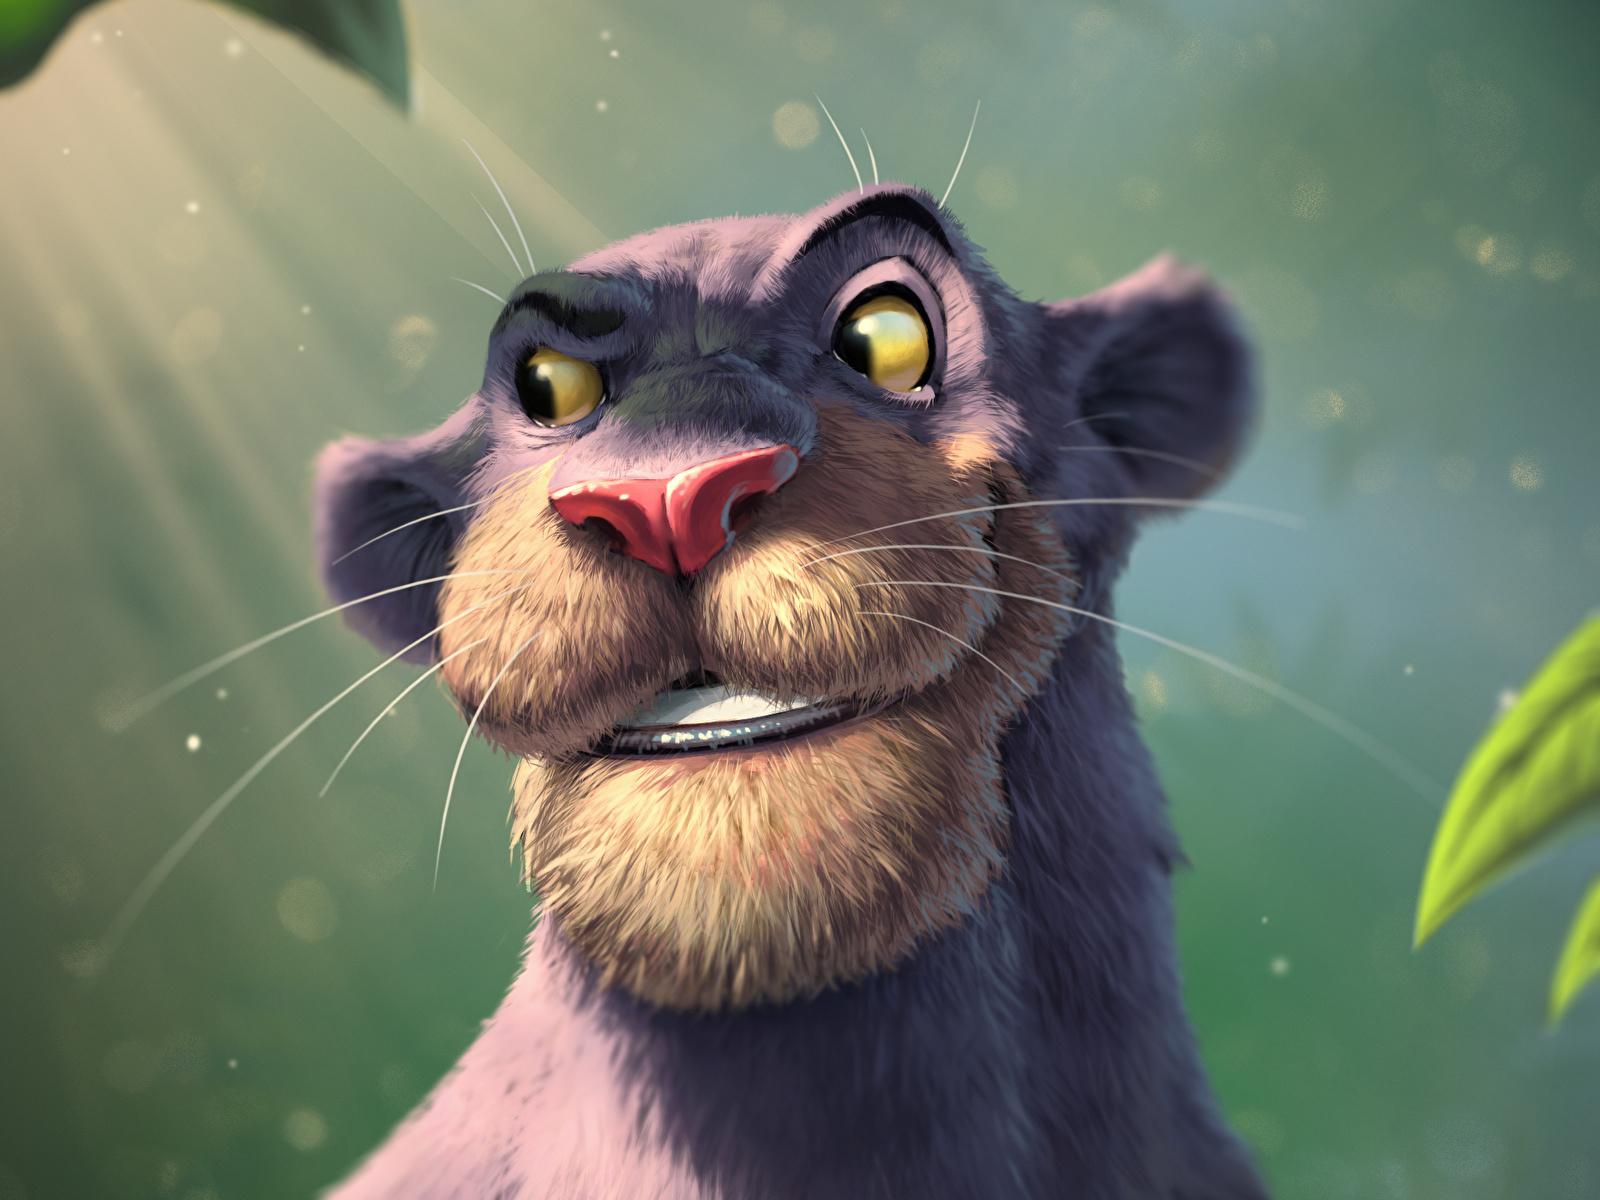 Bilder von Schwarzer Panther The Jungle Book, Bagheera Animationsfilm 1600x1200 Zeichentrickfilm